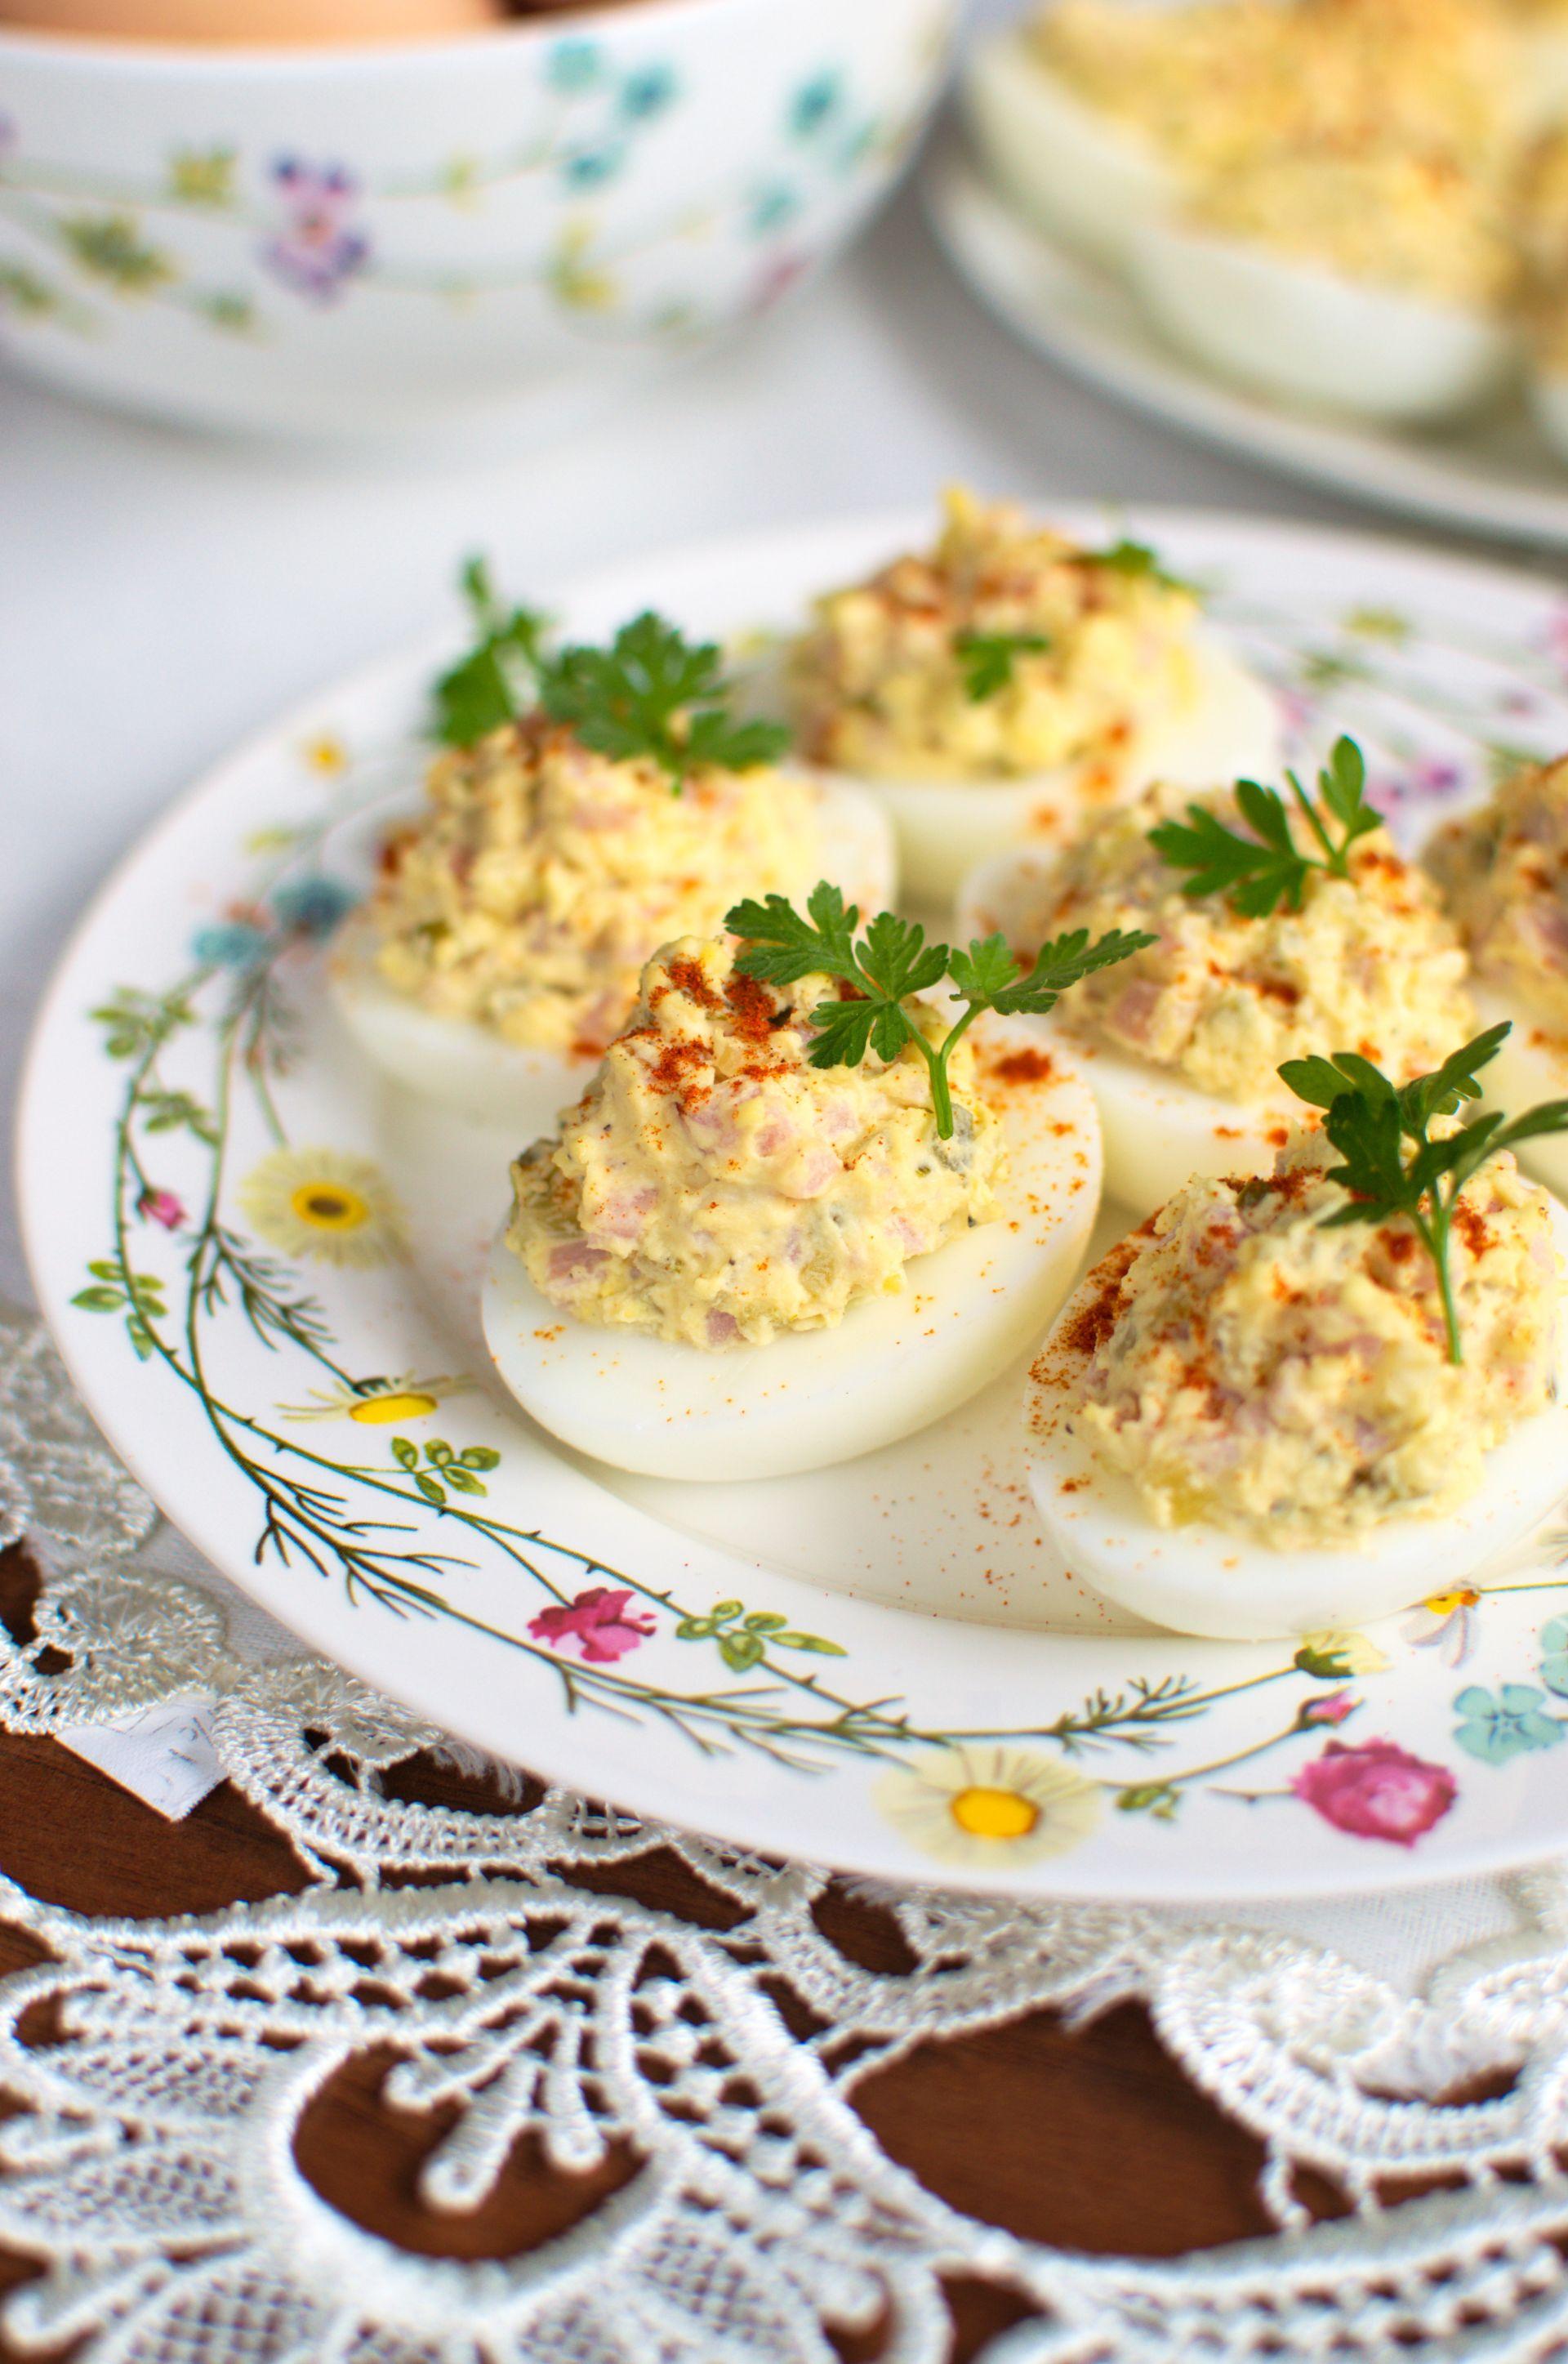 Jajka Faszerowane Ogorkiem Konserwowym I Szynka